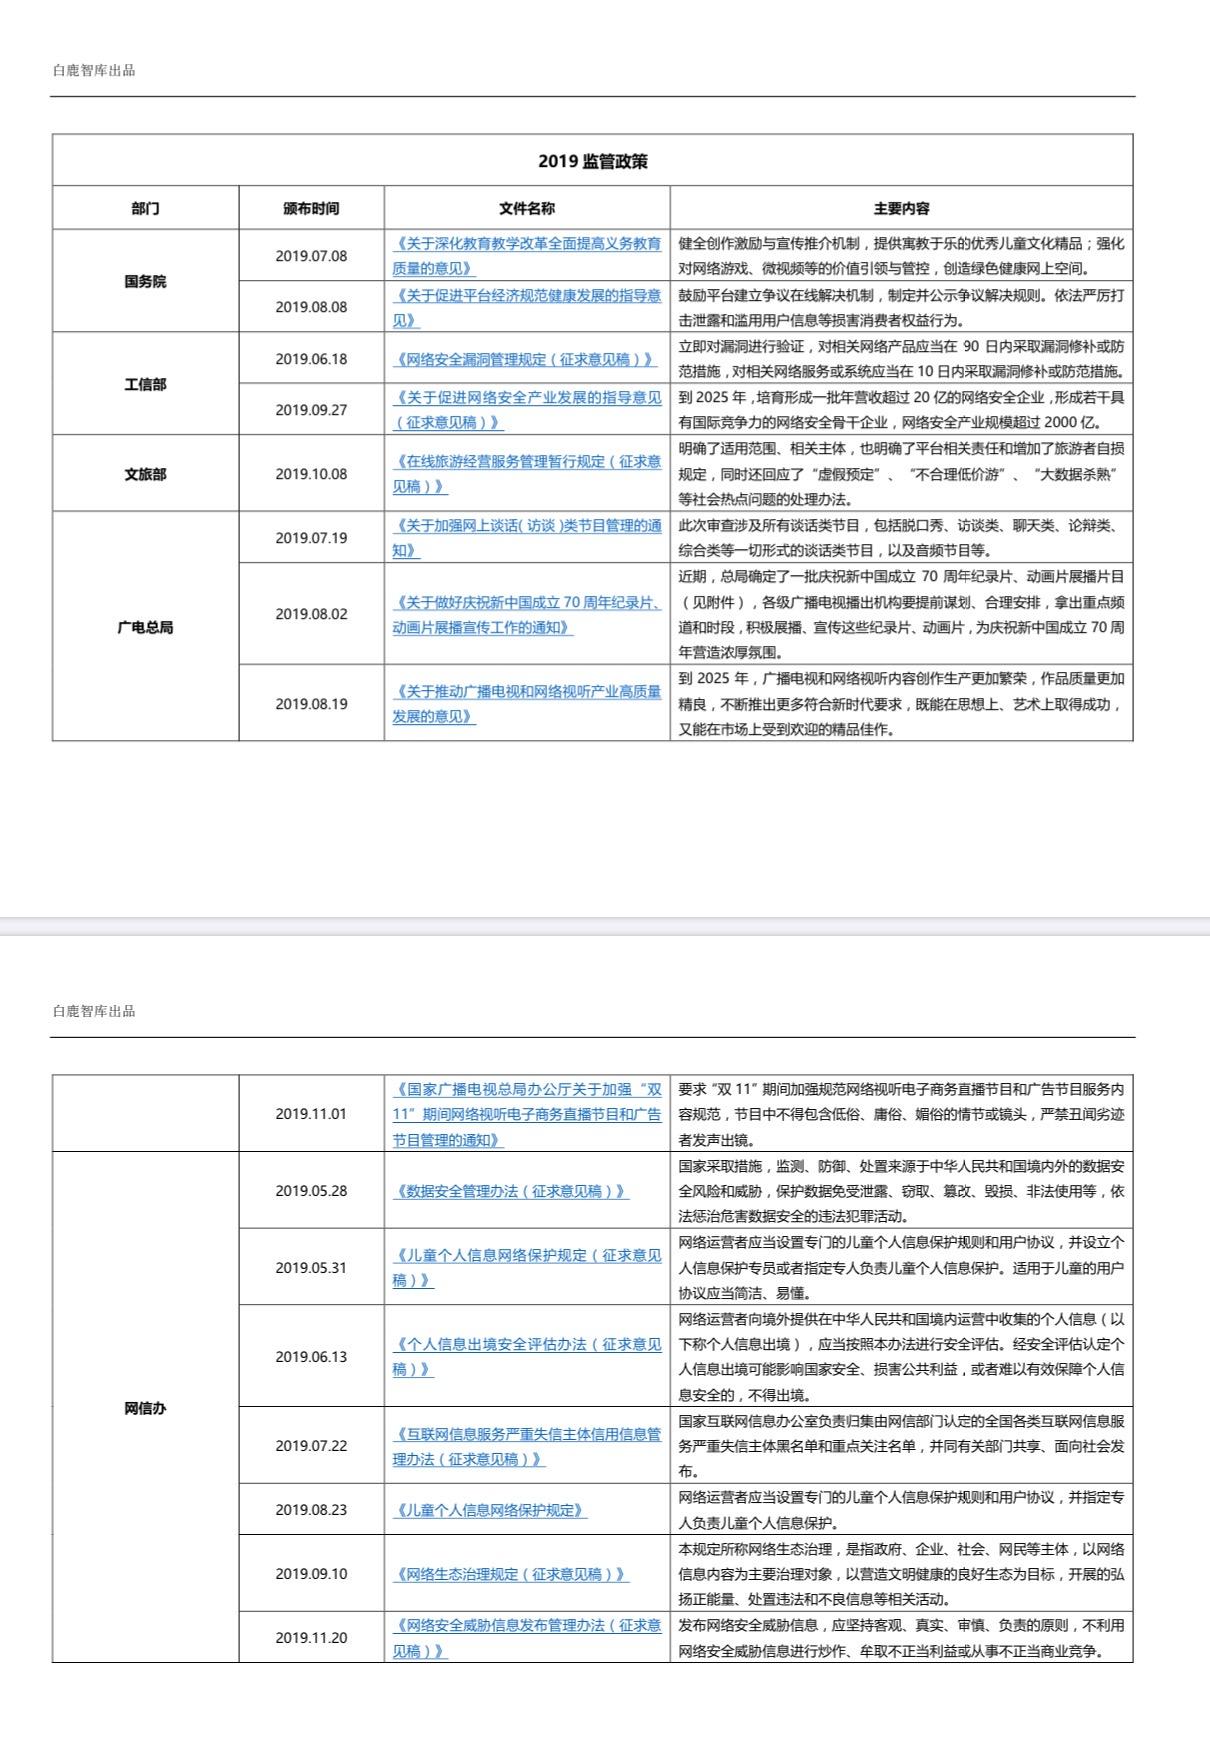 微信图片_20191230173939.jpg